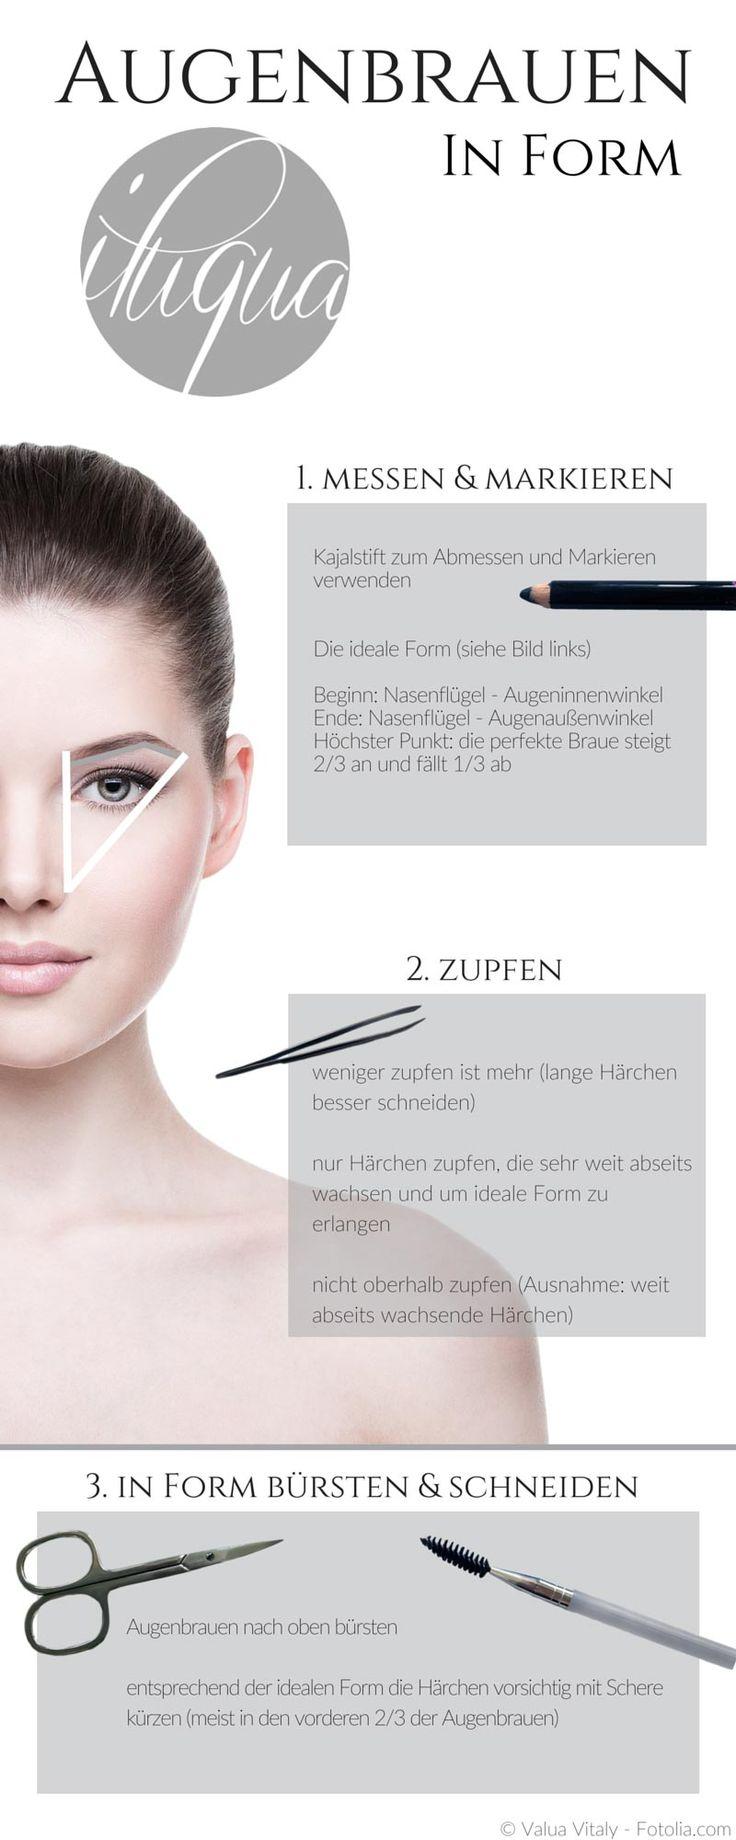 Schritt-für-Schritt zu deiner idealen Augenbrauenform.  http://iluqua.com/tutorials/augenbrauen-richtig-zupfen-schritt-fuer-schritt/